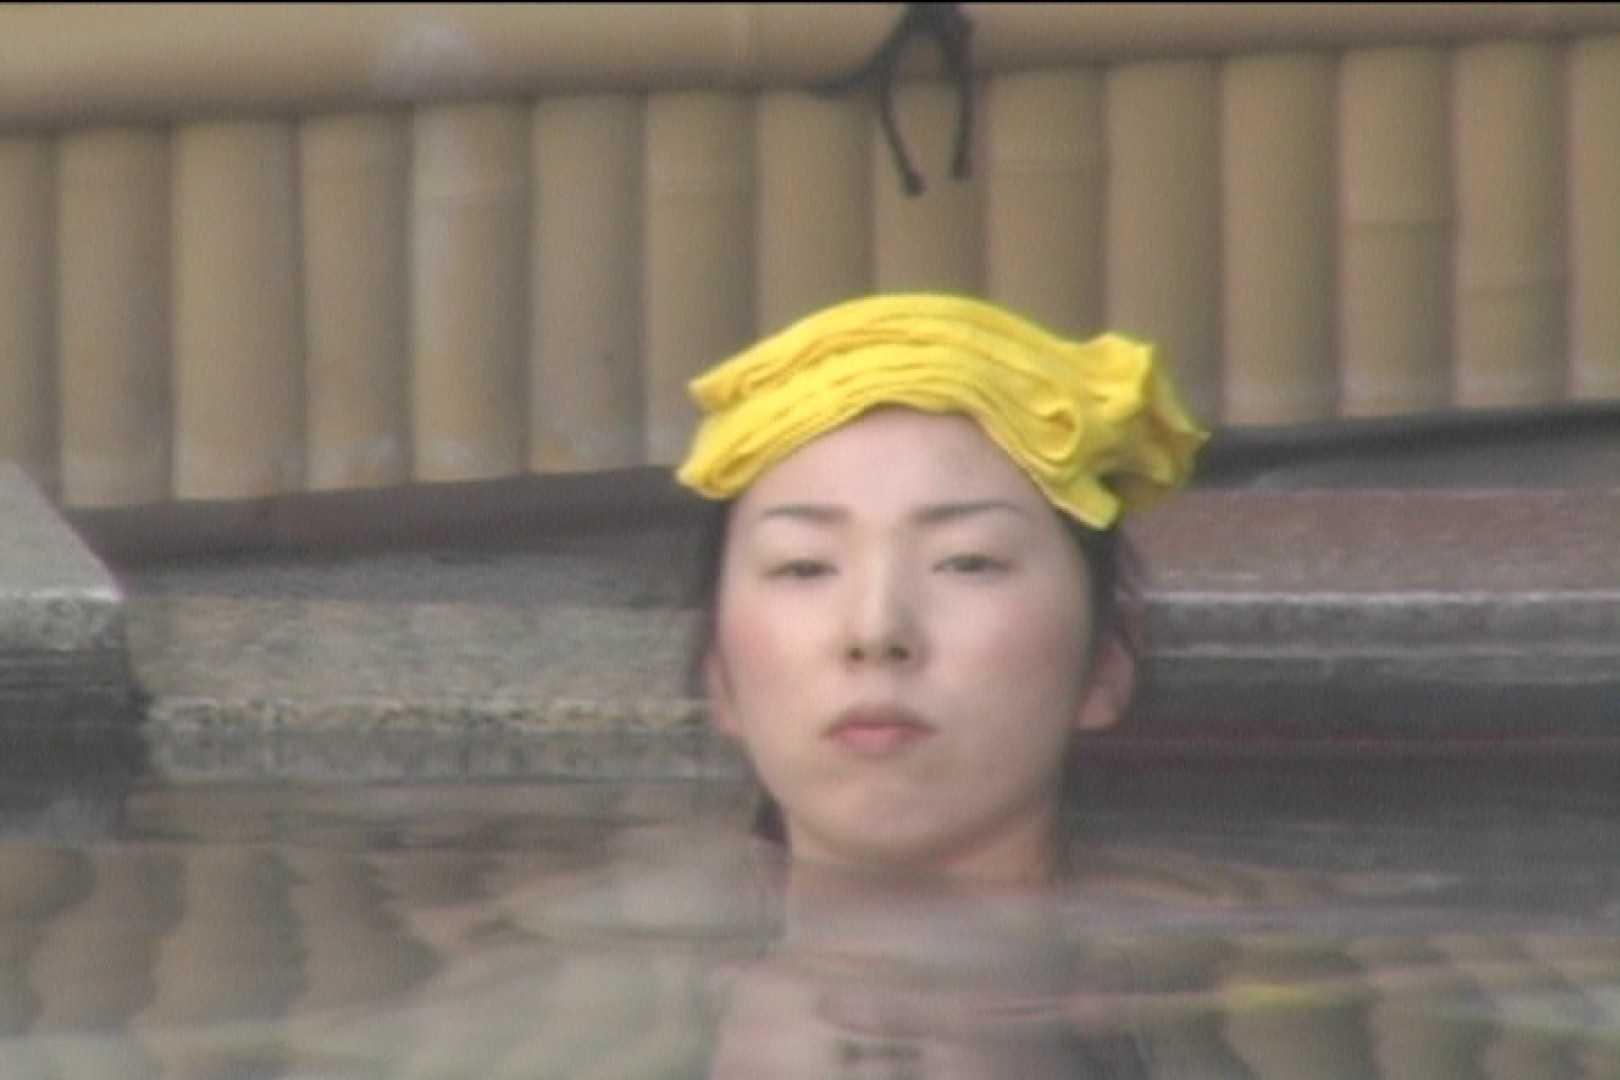 Aquaな露天風呂Vol.529 盗撮師作品 おめこ無修正画像 104pic 20